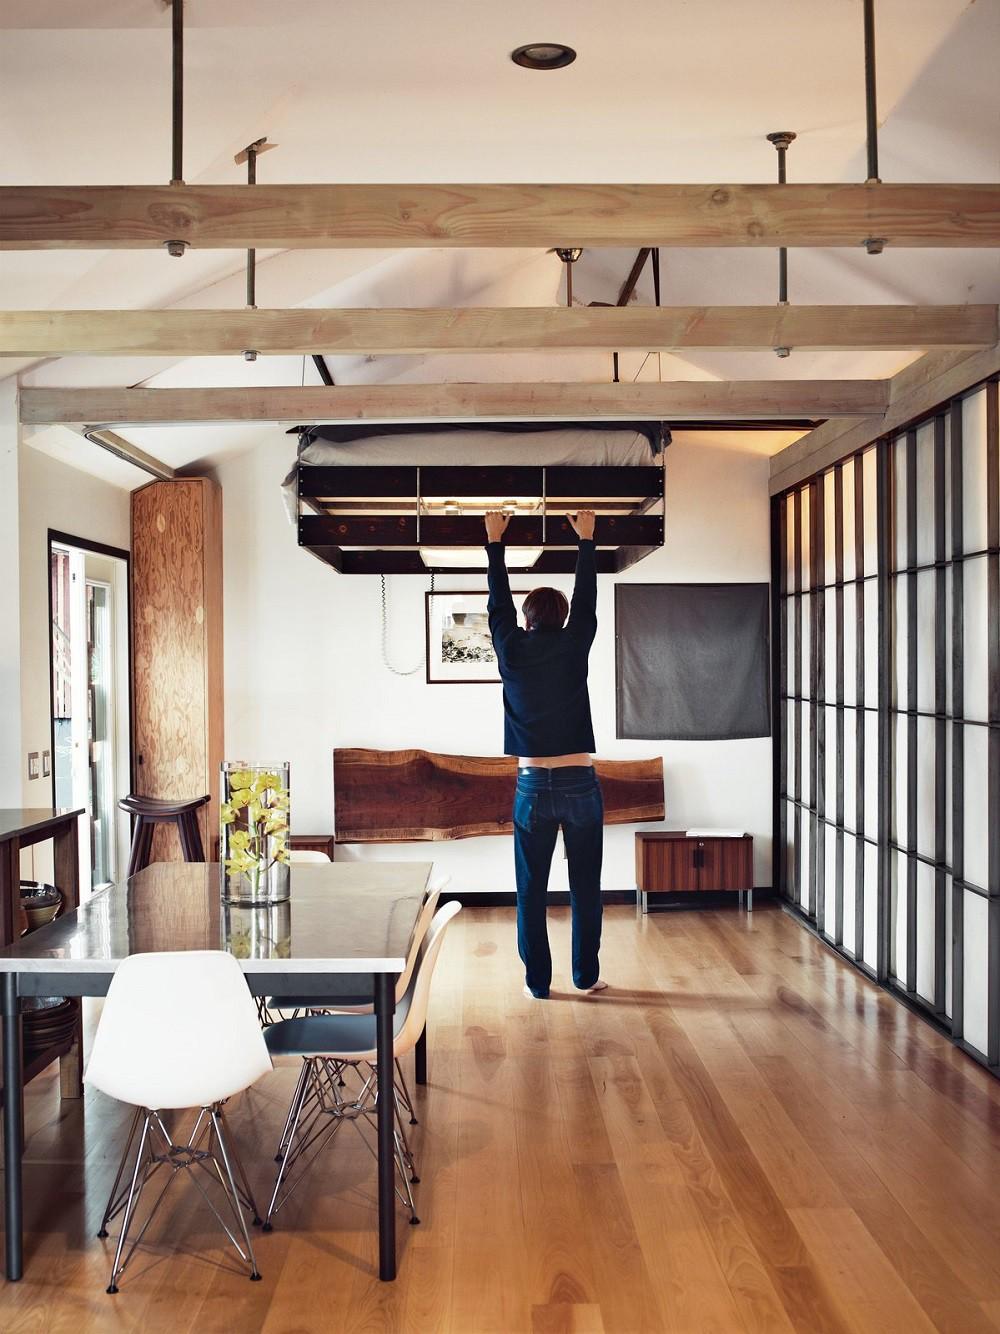 """10 thiết kế phòng ngủ dưới đây sẽ cho bạn thấy dù nhà bạn có chật thế nào, kiến trúc sư vẫn """"xơi tái"""" được hết - Ảnh 2."""